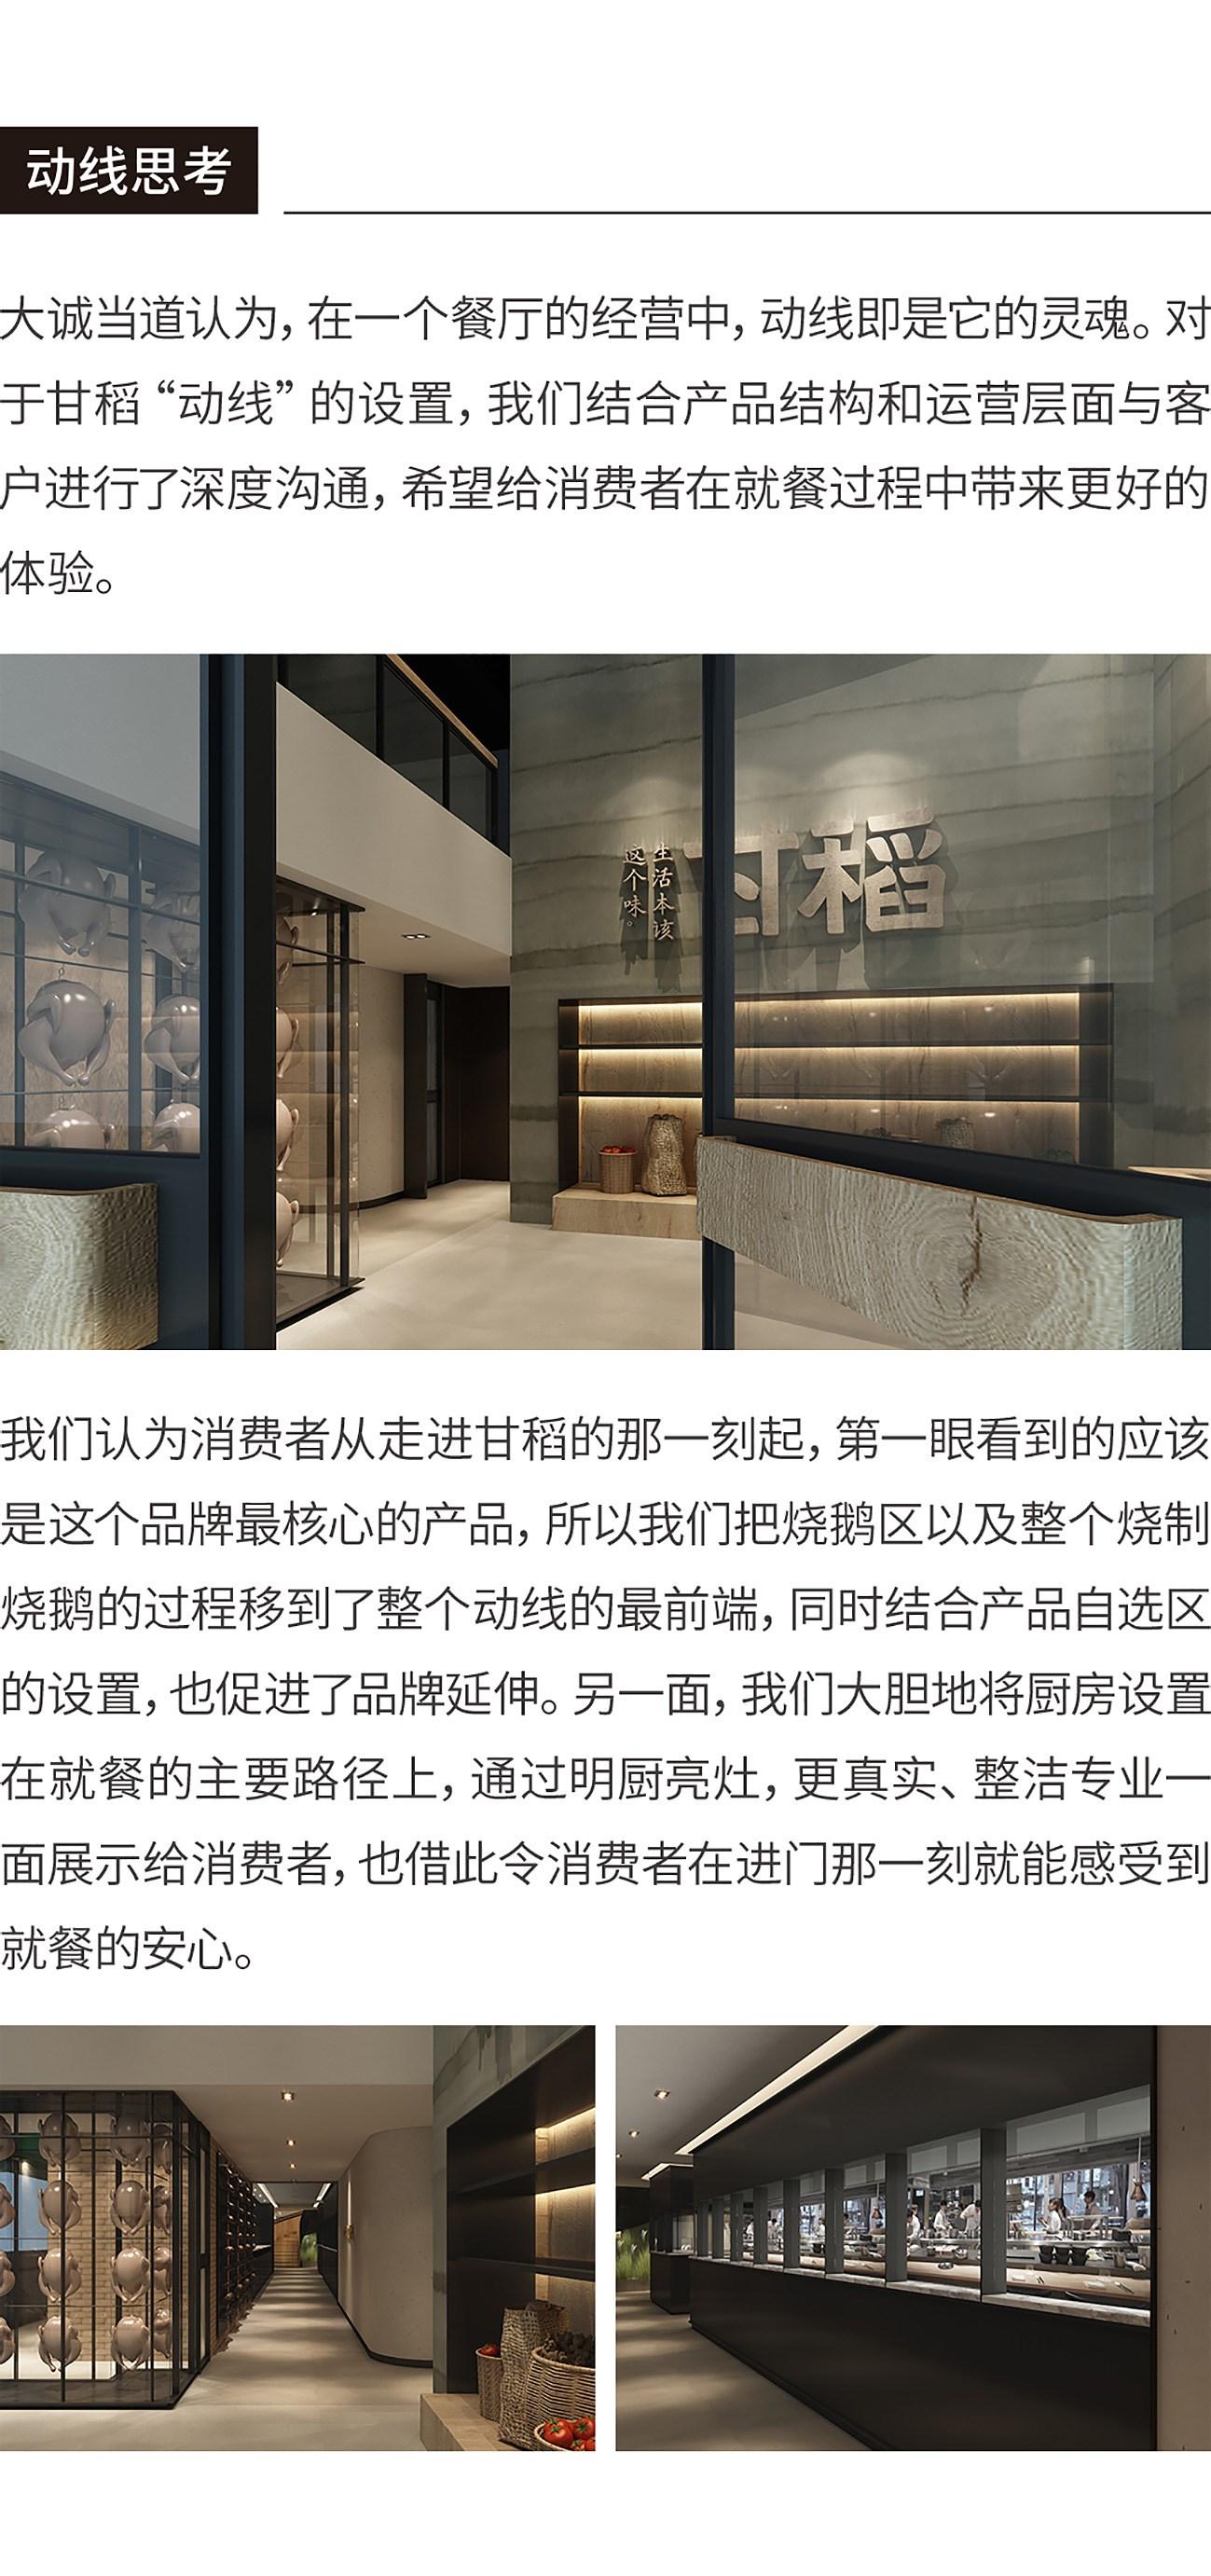 【设计切片】甘道设计案例长图_xd_180521_01.jpg